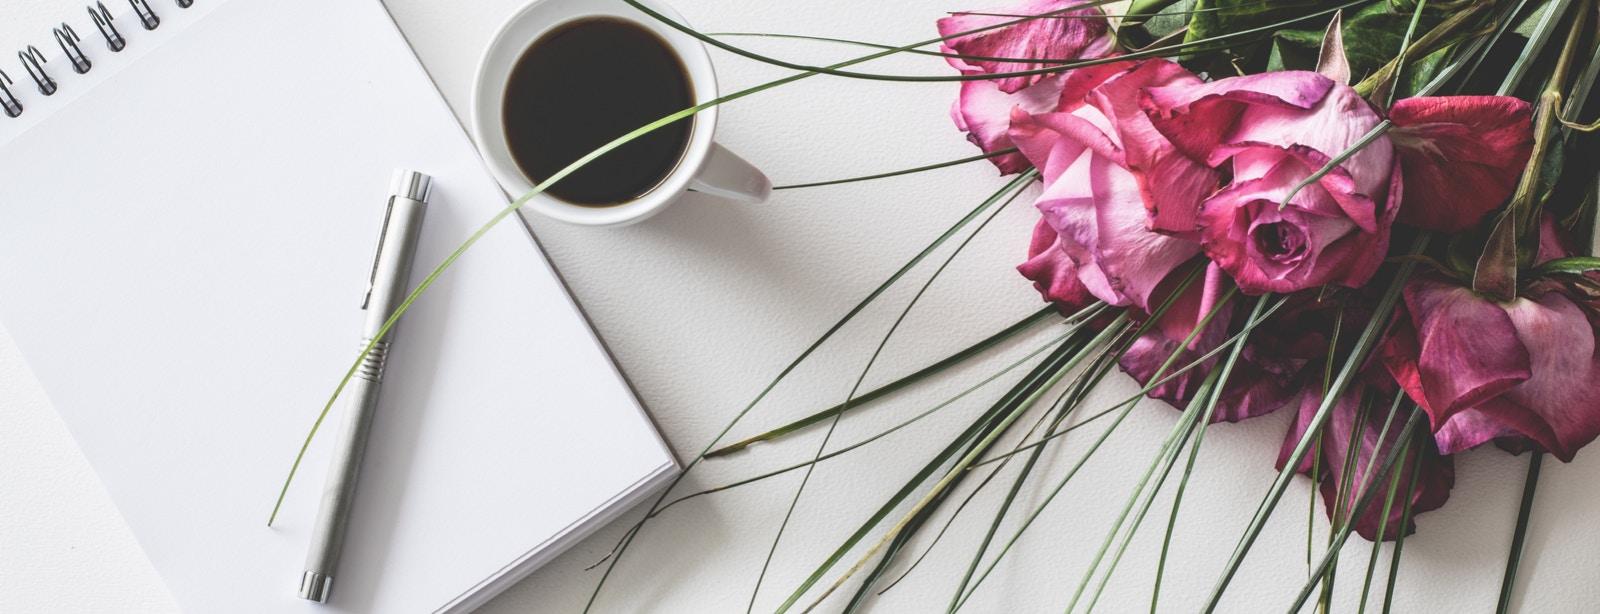 Tisch mit Blumenstrauss und Kalender